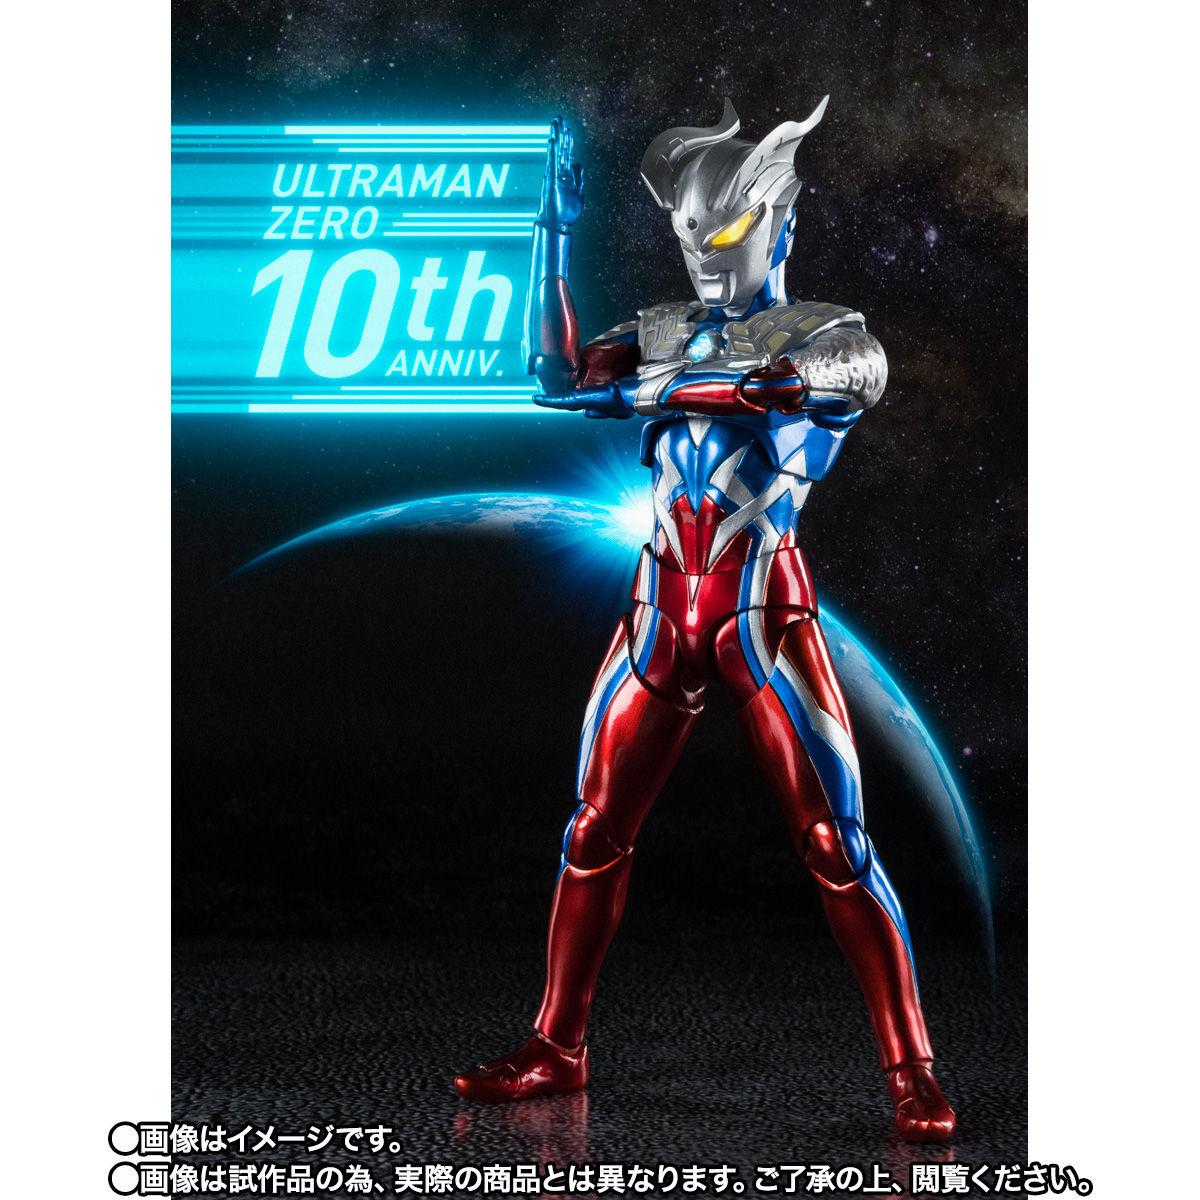 【限定販売】S.H.Figuarts『ウルトラマンゼロ 10周年 Special Color Ver.』可動フィギュア-002